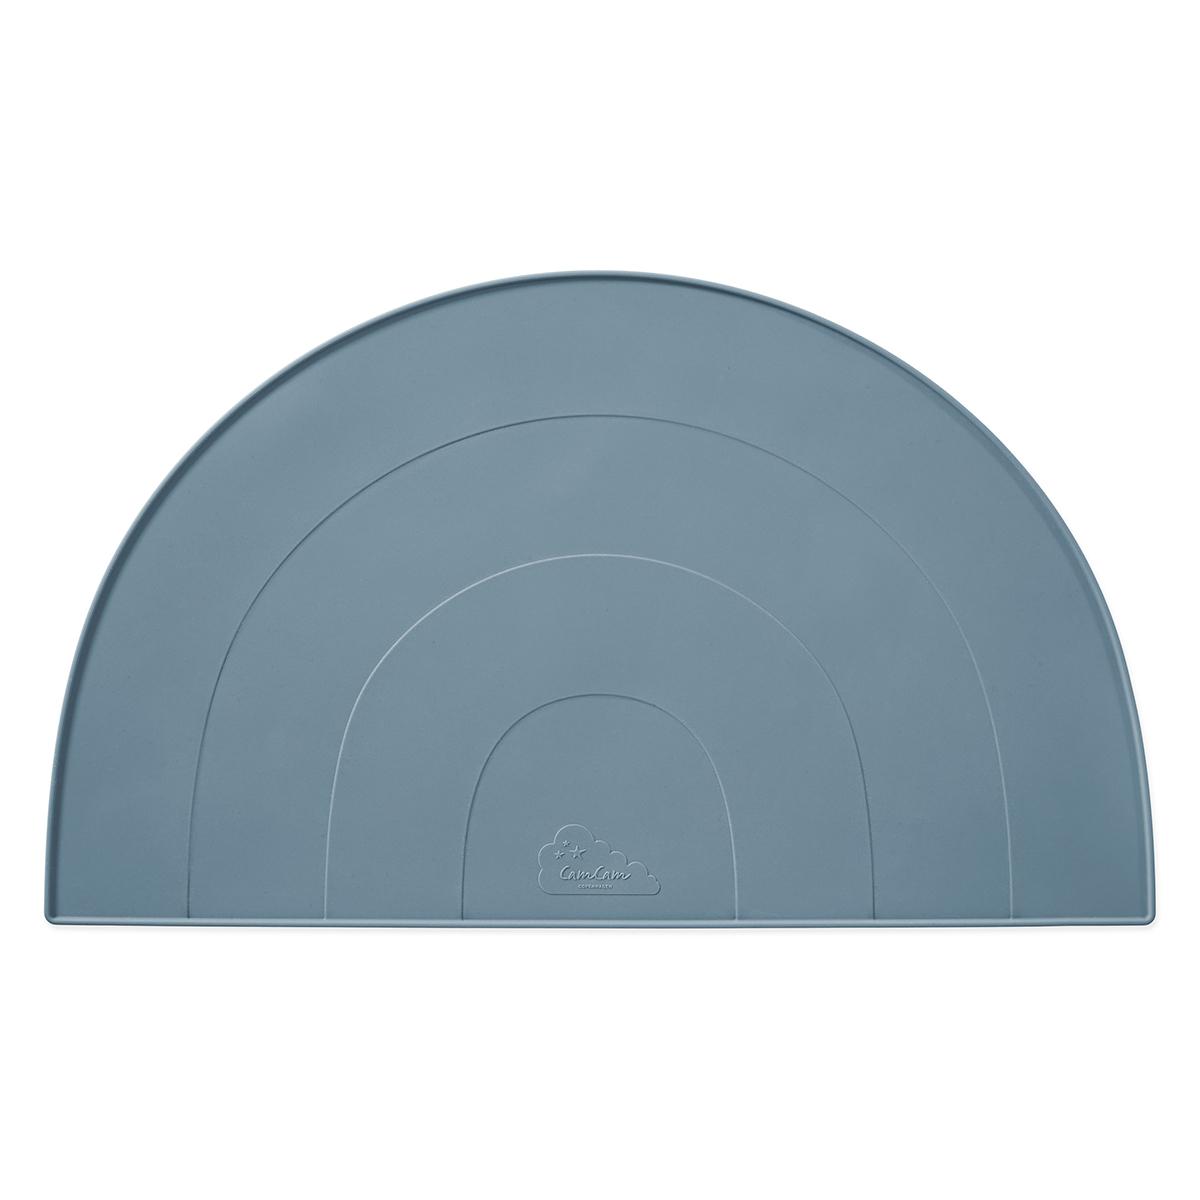 Vaisselle & Couvert Set de Table Arc-en-ciel - Midnight Blue Set de Table Arc-en-ciel - Midnight Blue